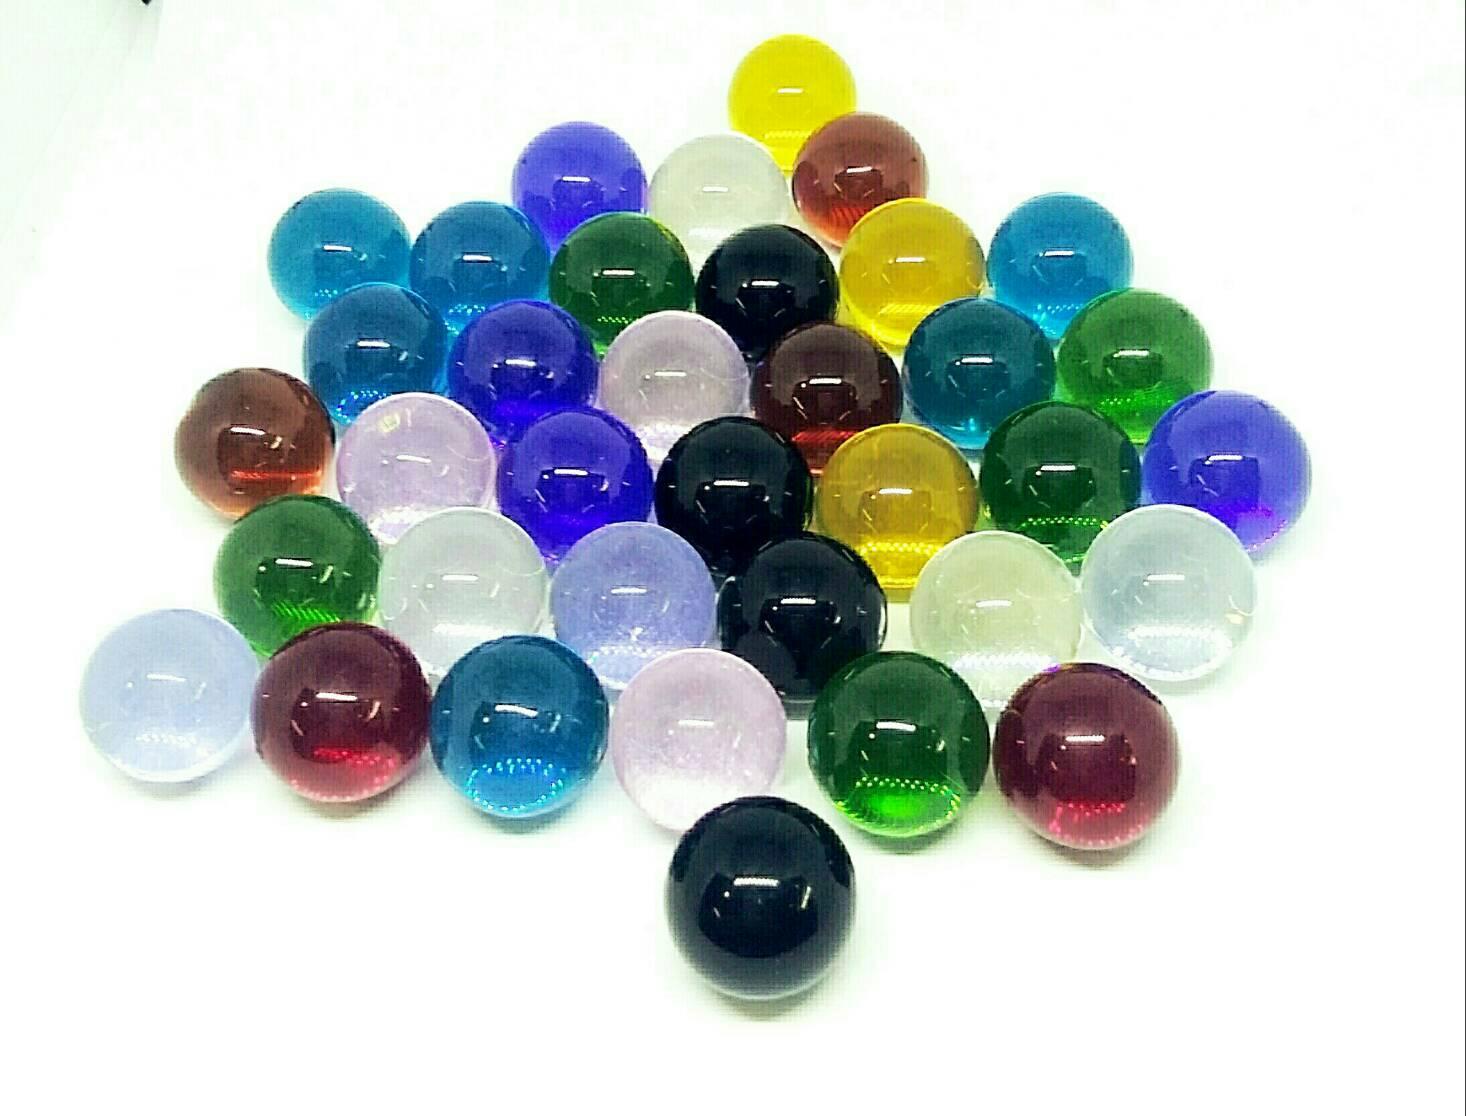 ลูกแก้วใส หลากสี Glass ขนาด 14 มล. 9สี 9ลูก ราคา 195 บาท รับประกัน แตก เปลี่ยนให้ใหม่